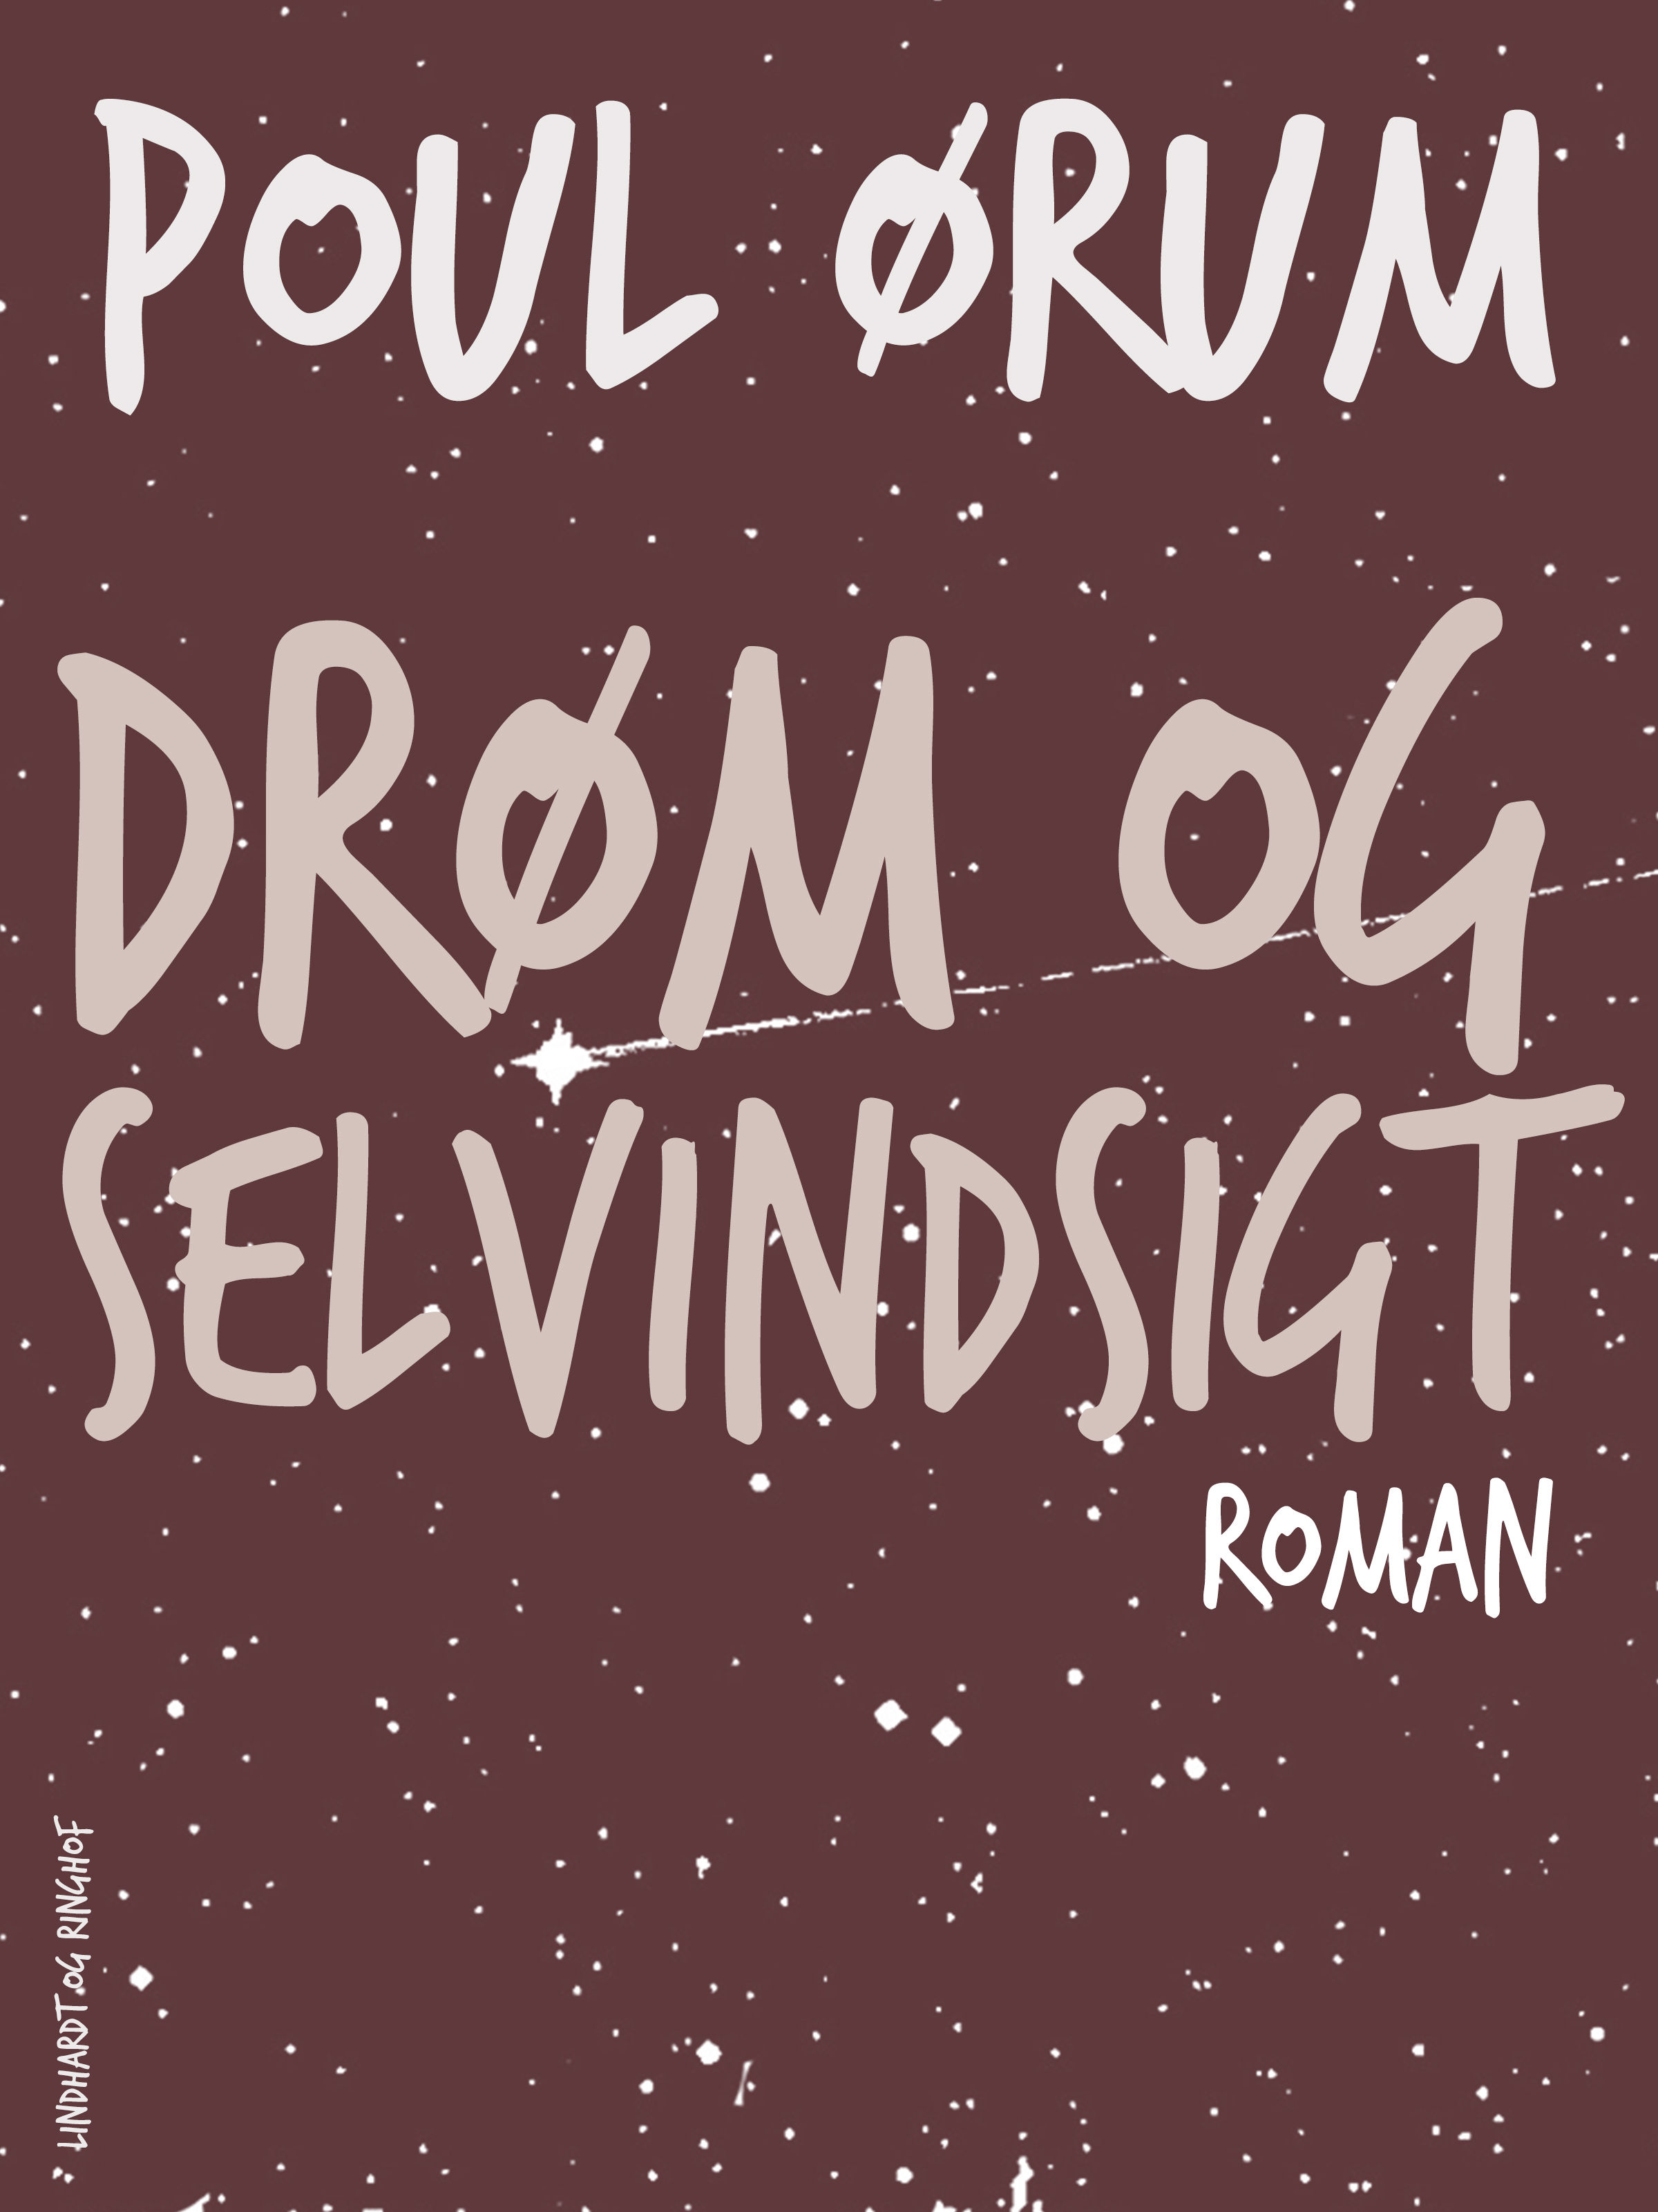 Drøm og selvindsigt - e-bog fra N/A på bog & mystik